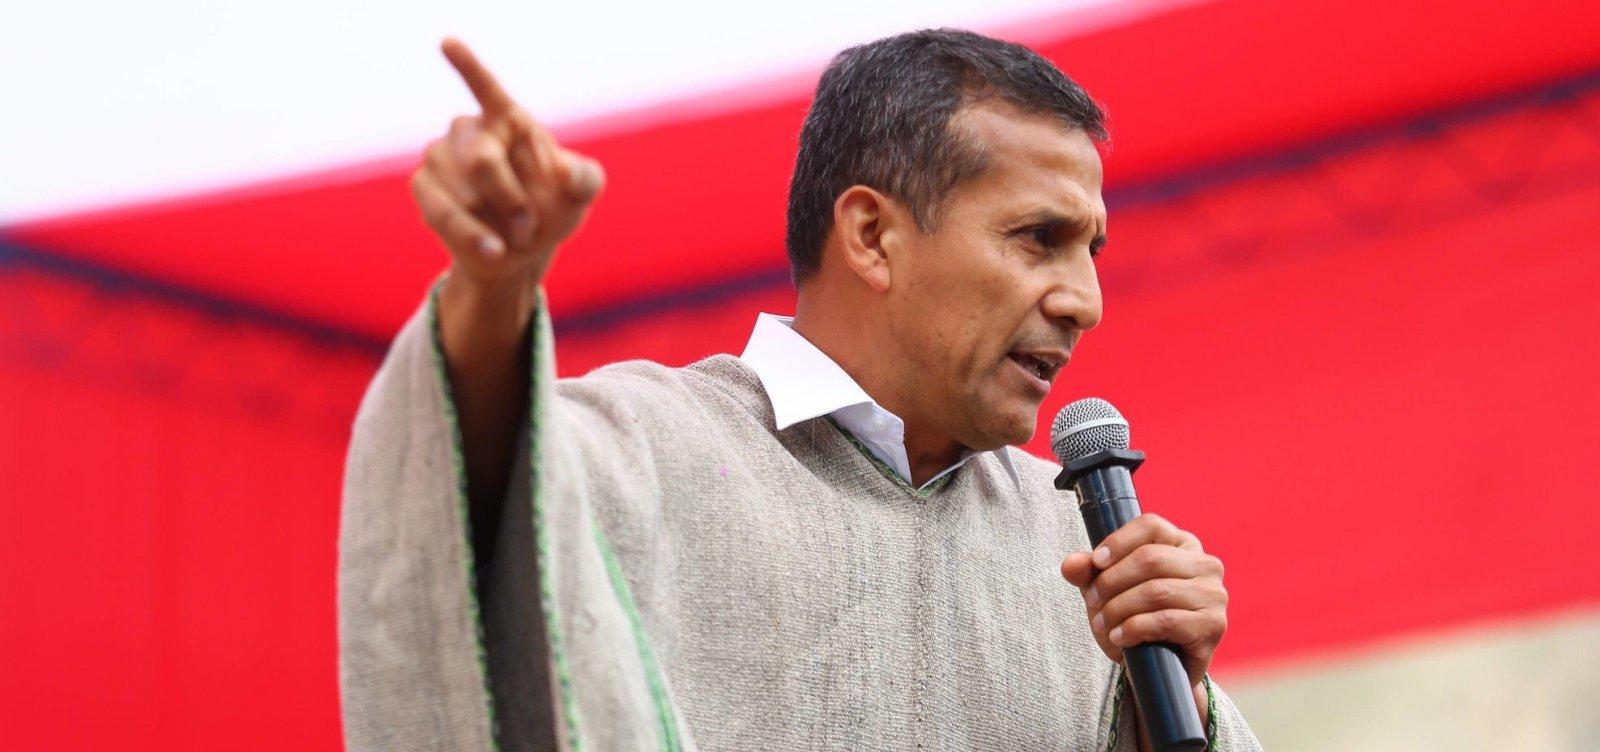 Lava Jato do Peru organizou mentiras em delação contra ex-presidente